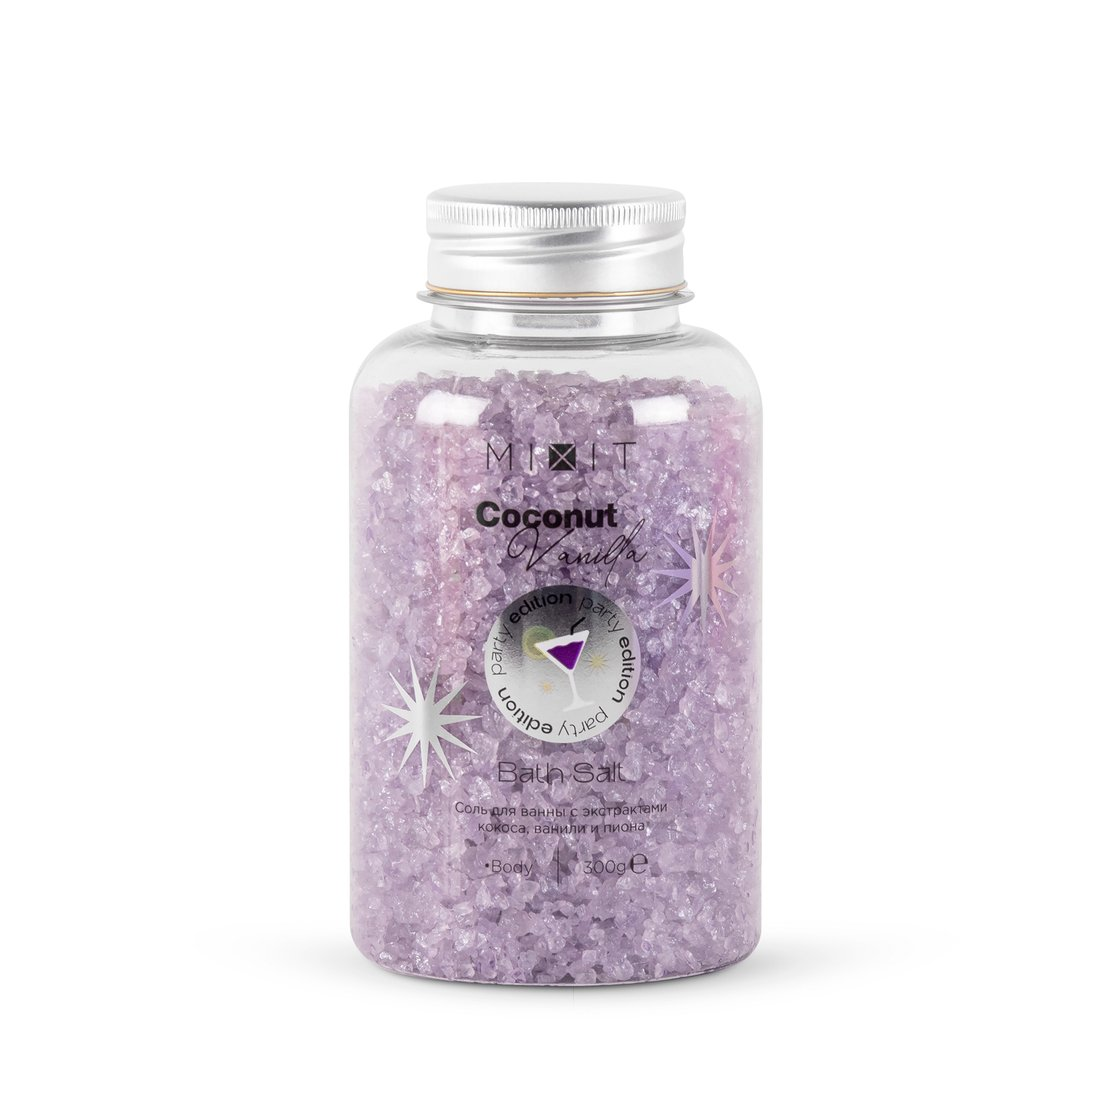 Соль для ванны с экстрактами кокоса, ванили и пиона, 300 г